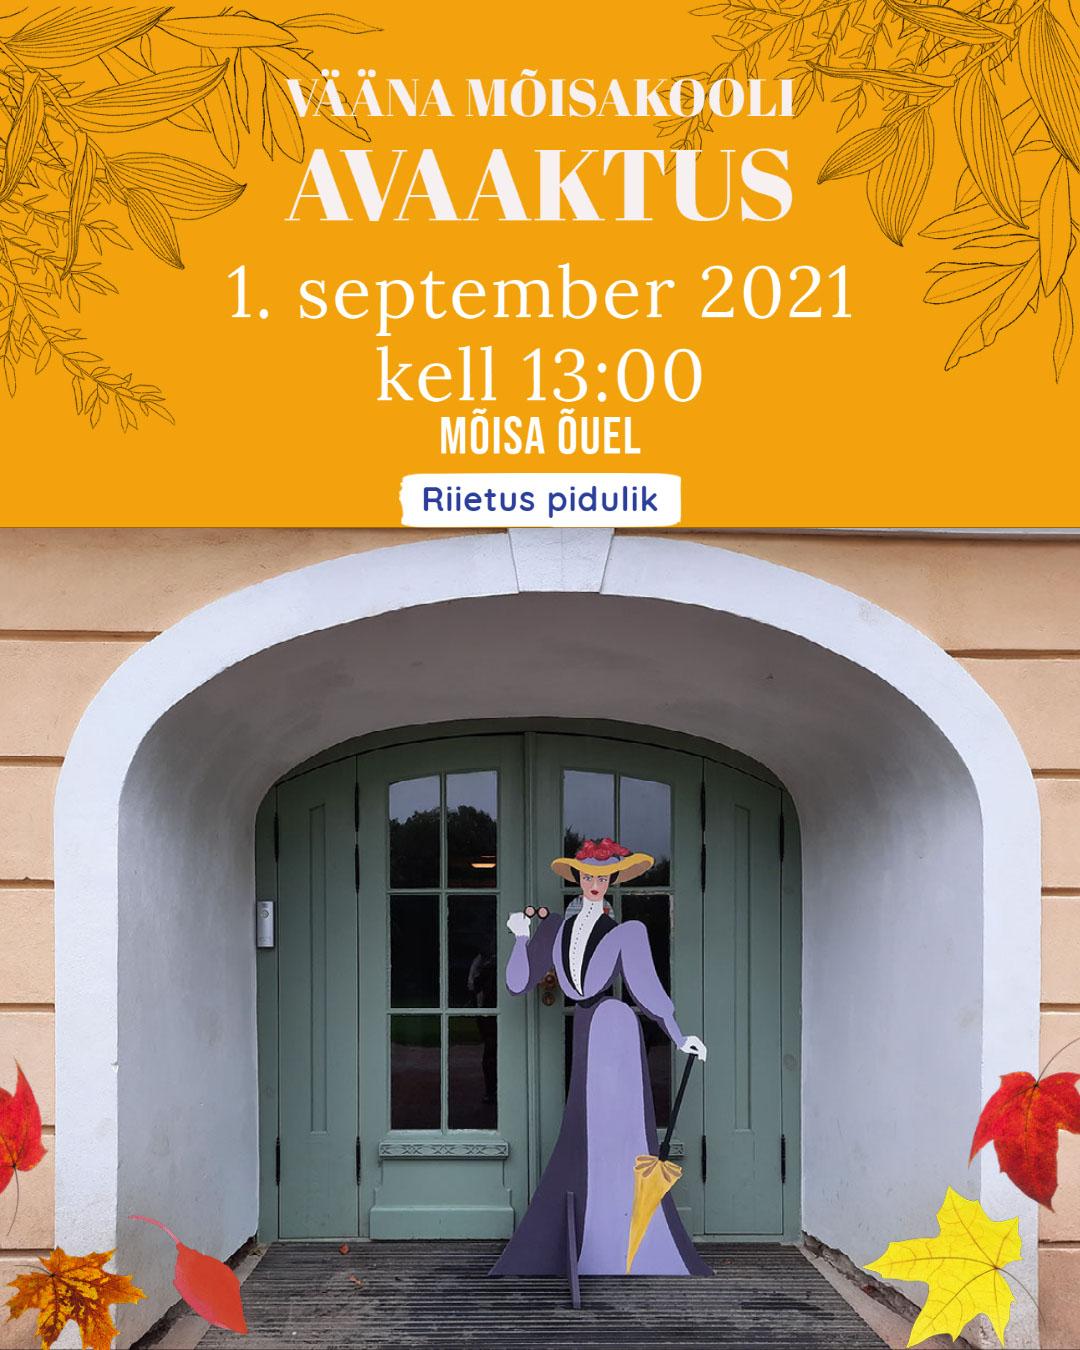 Vääna Mõisakooli avaaktus Vääna Mõisakooli avaaktus 1. september 2021 kell 13:00 mõisa õuel Riietus pidulik